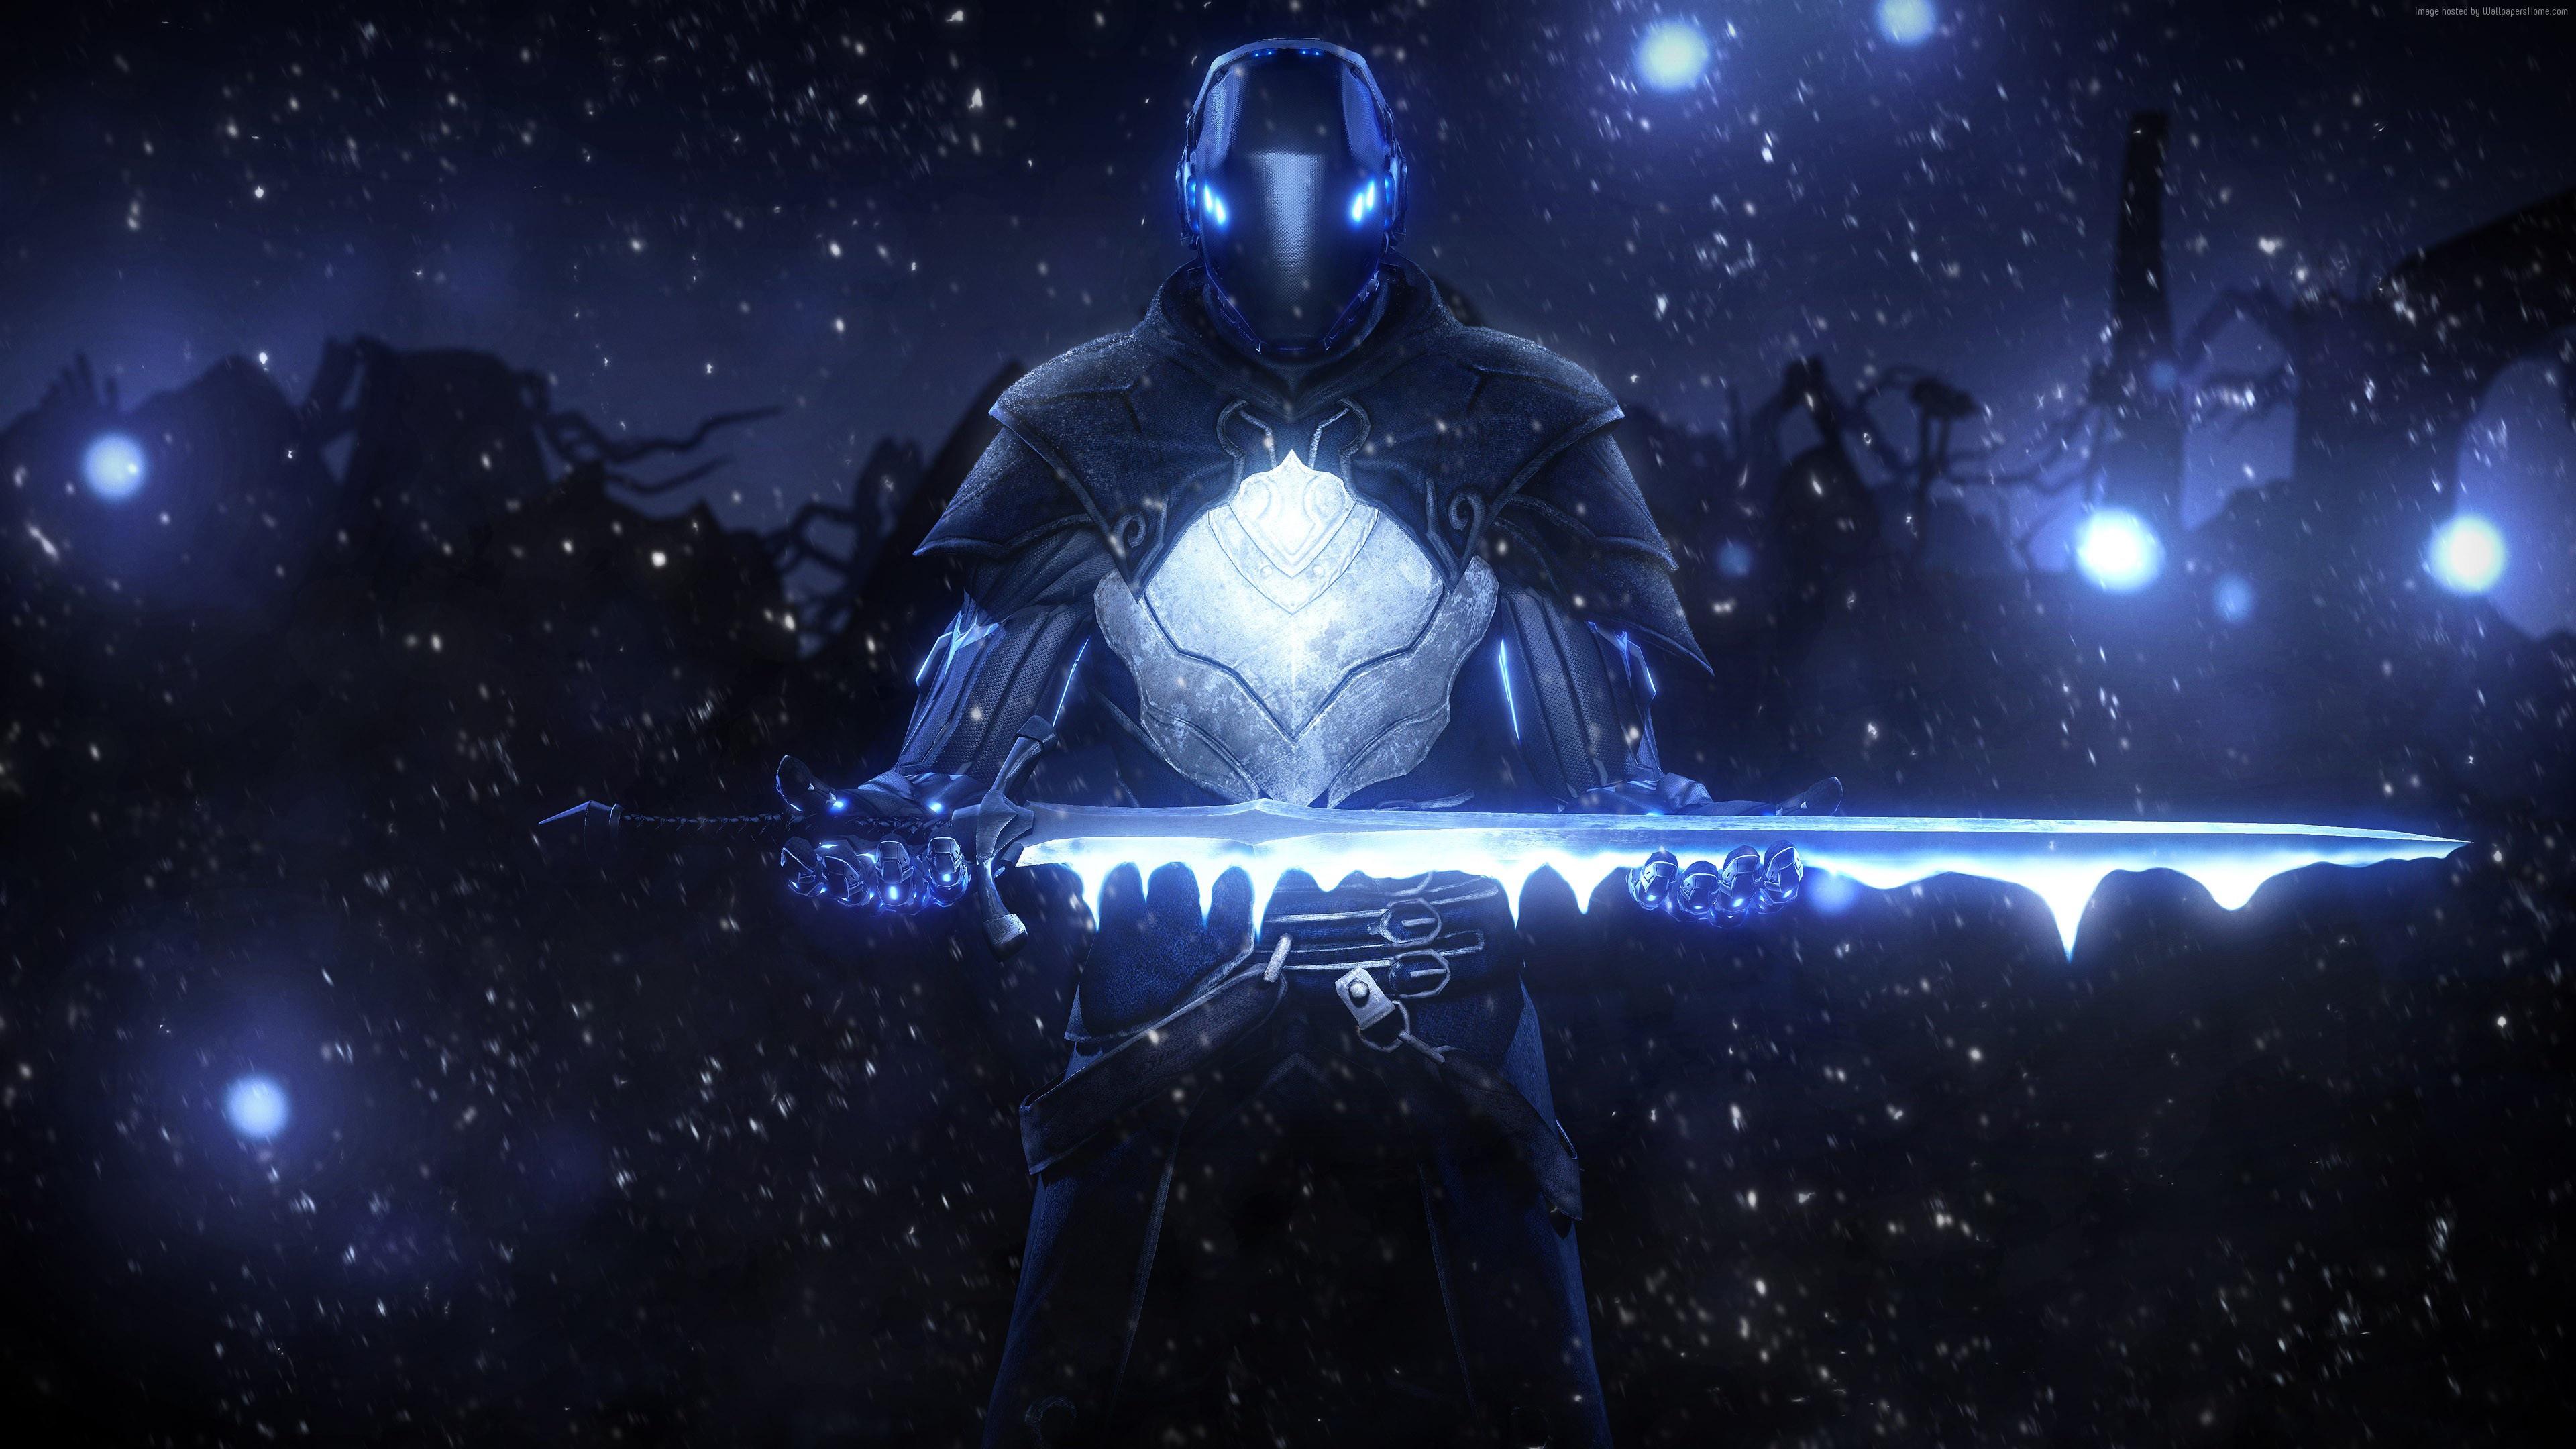 Фантастический воин с мечом в руках